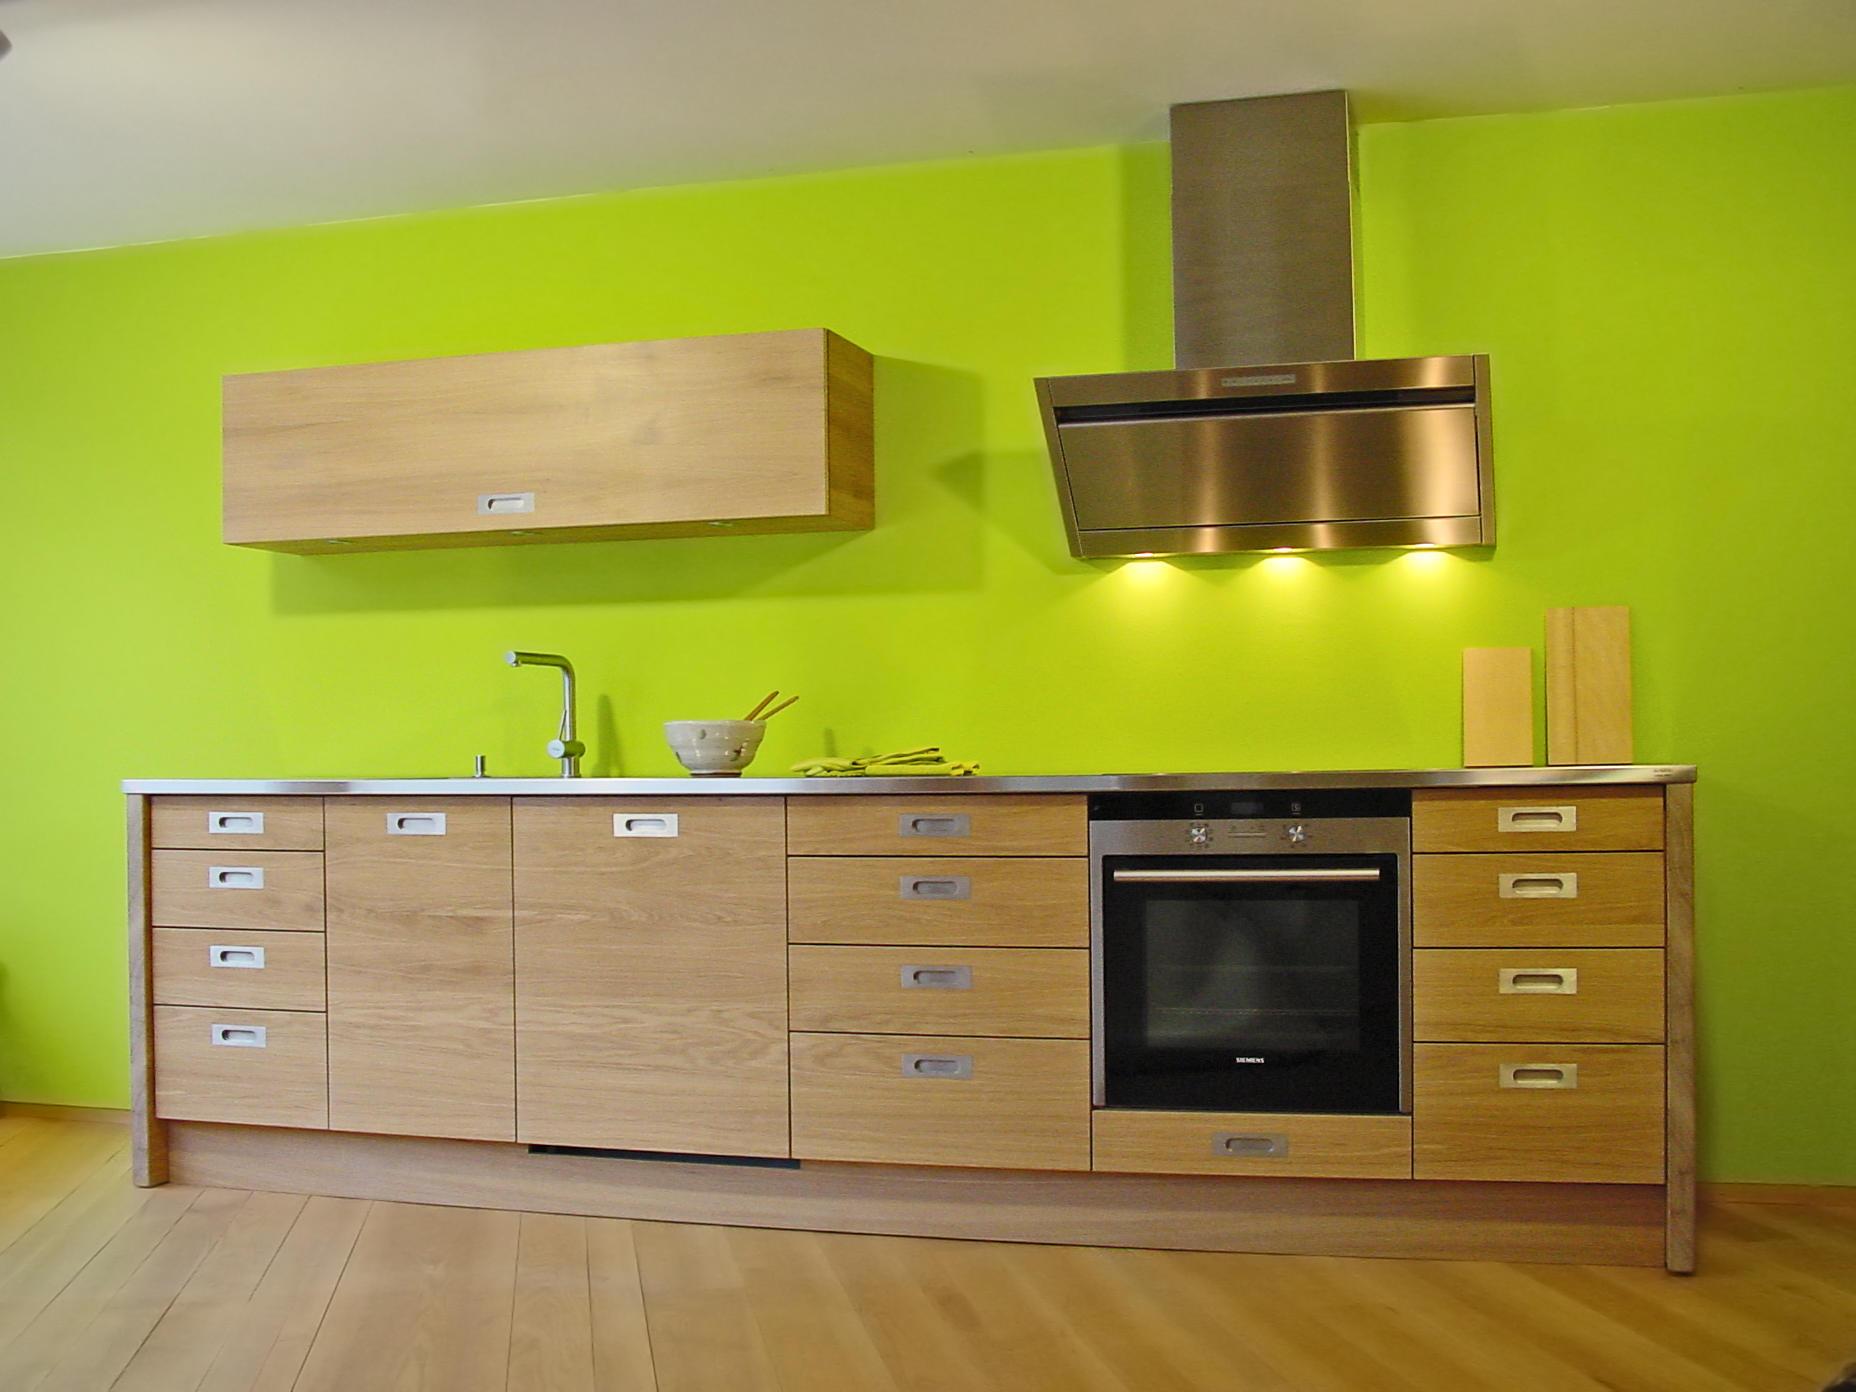 benz k che bad m bel bauunternehmen renovierung abdichtung und restaurierung kandern. Black Bedroom Furniture Sets. Home Design Ideas